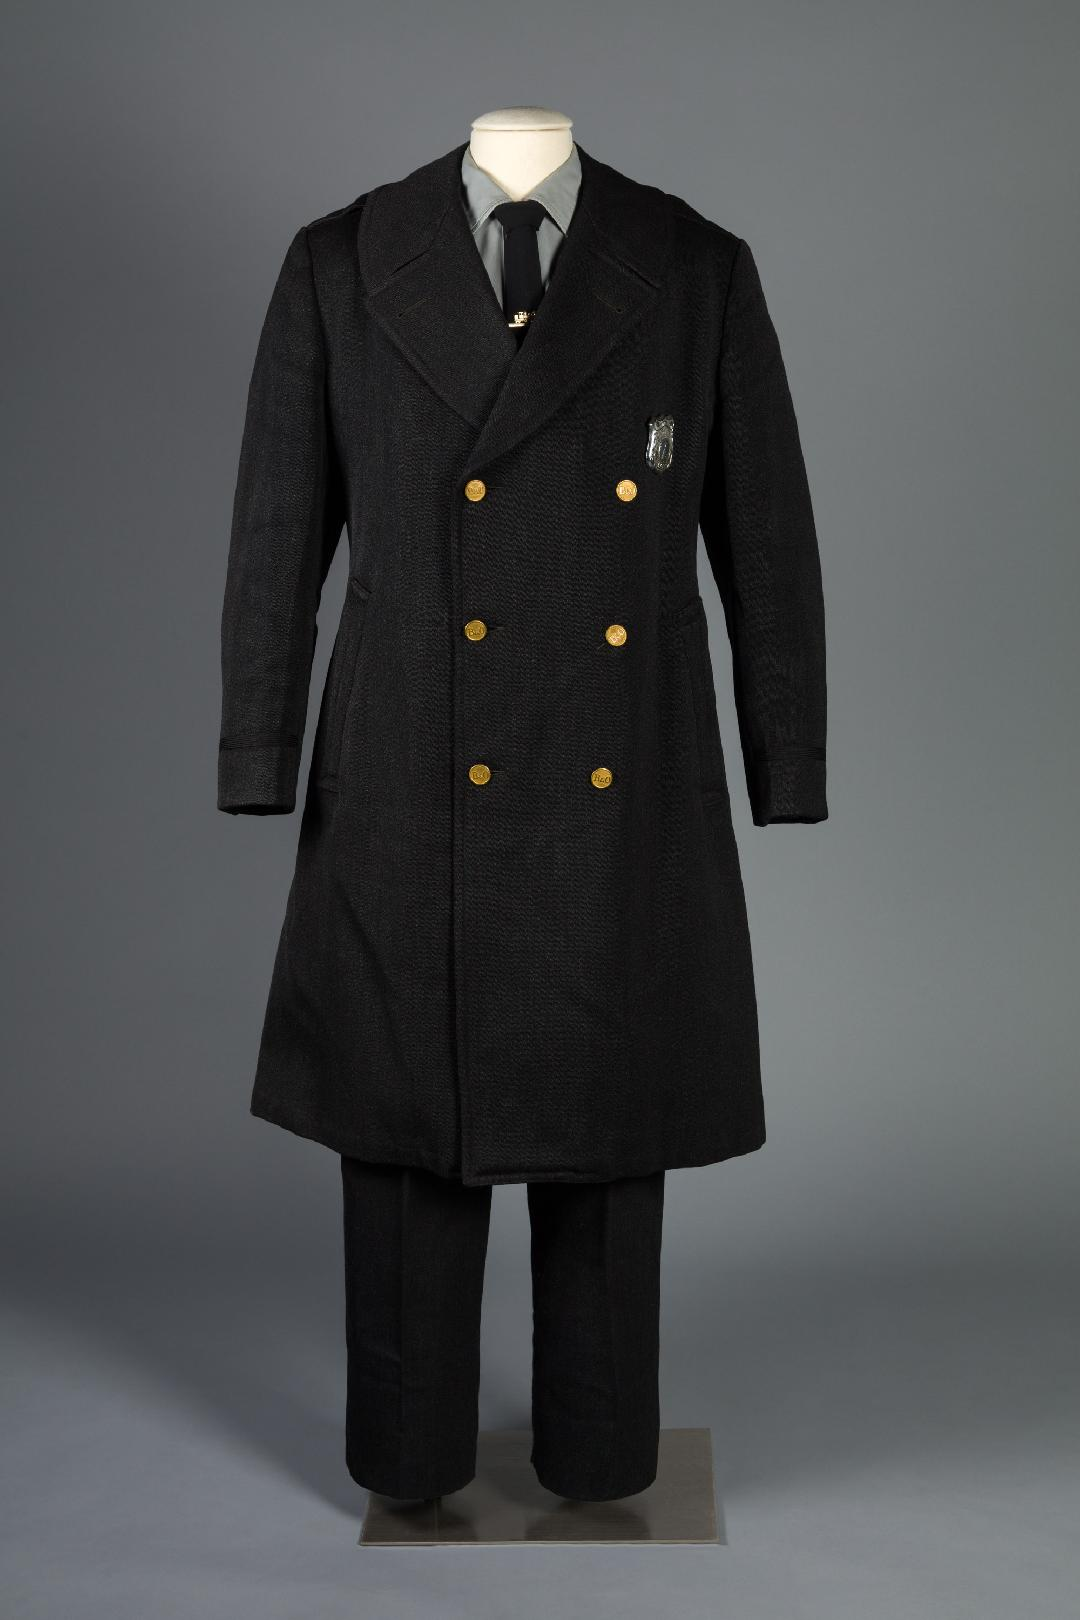 john Heavner's B & O Railroad police uniform. Photo courtesy of Maryland Historical Society